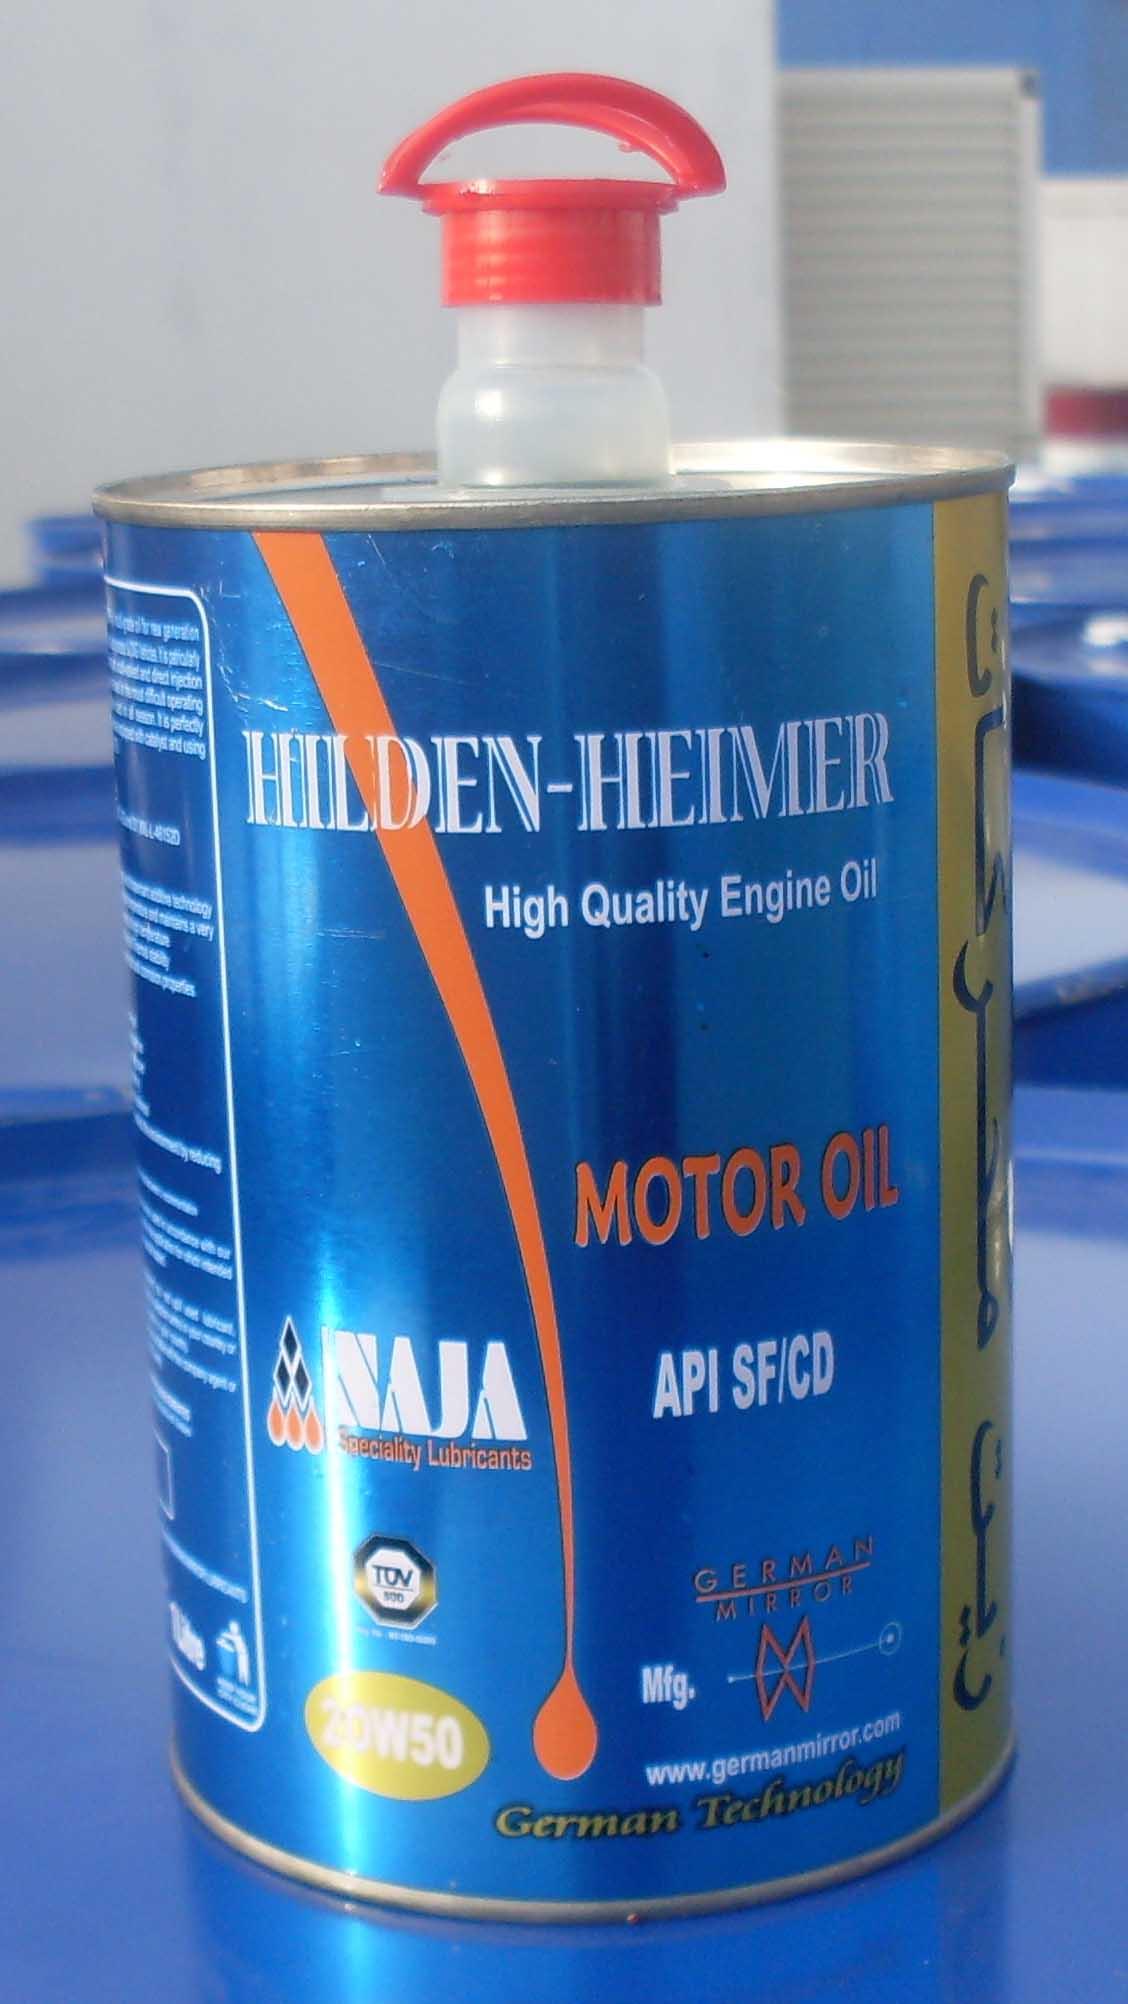 Petrol Engine Oil (20w 50 SF/CD)